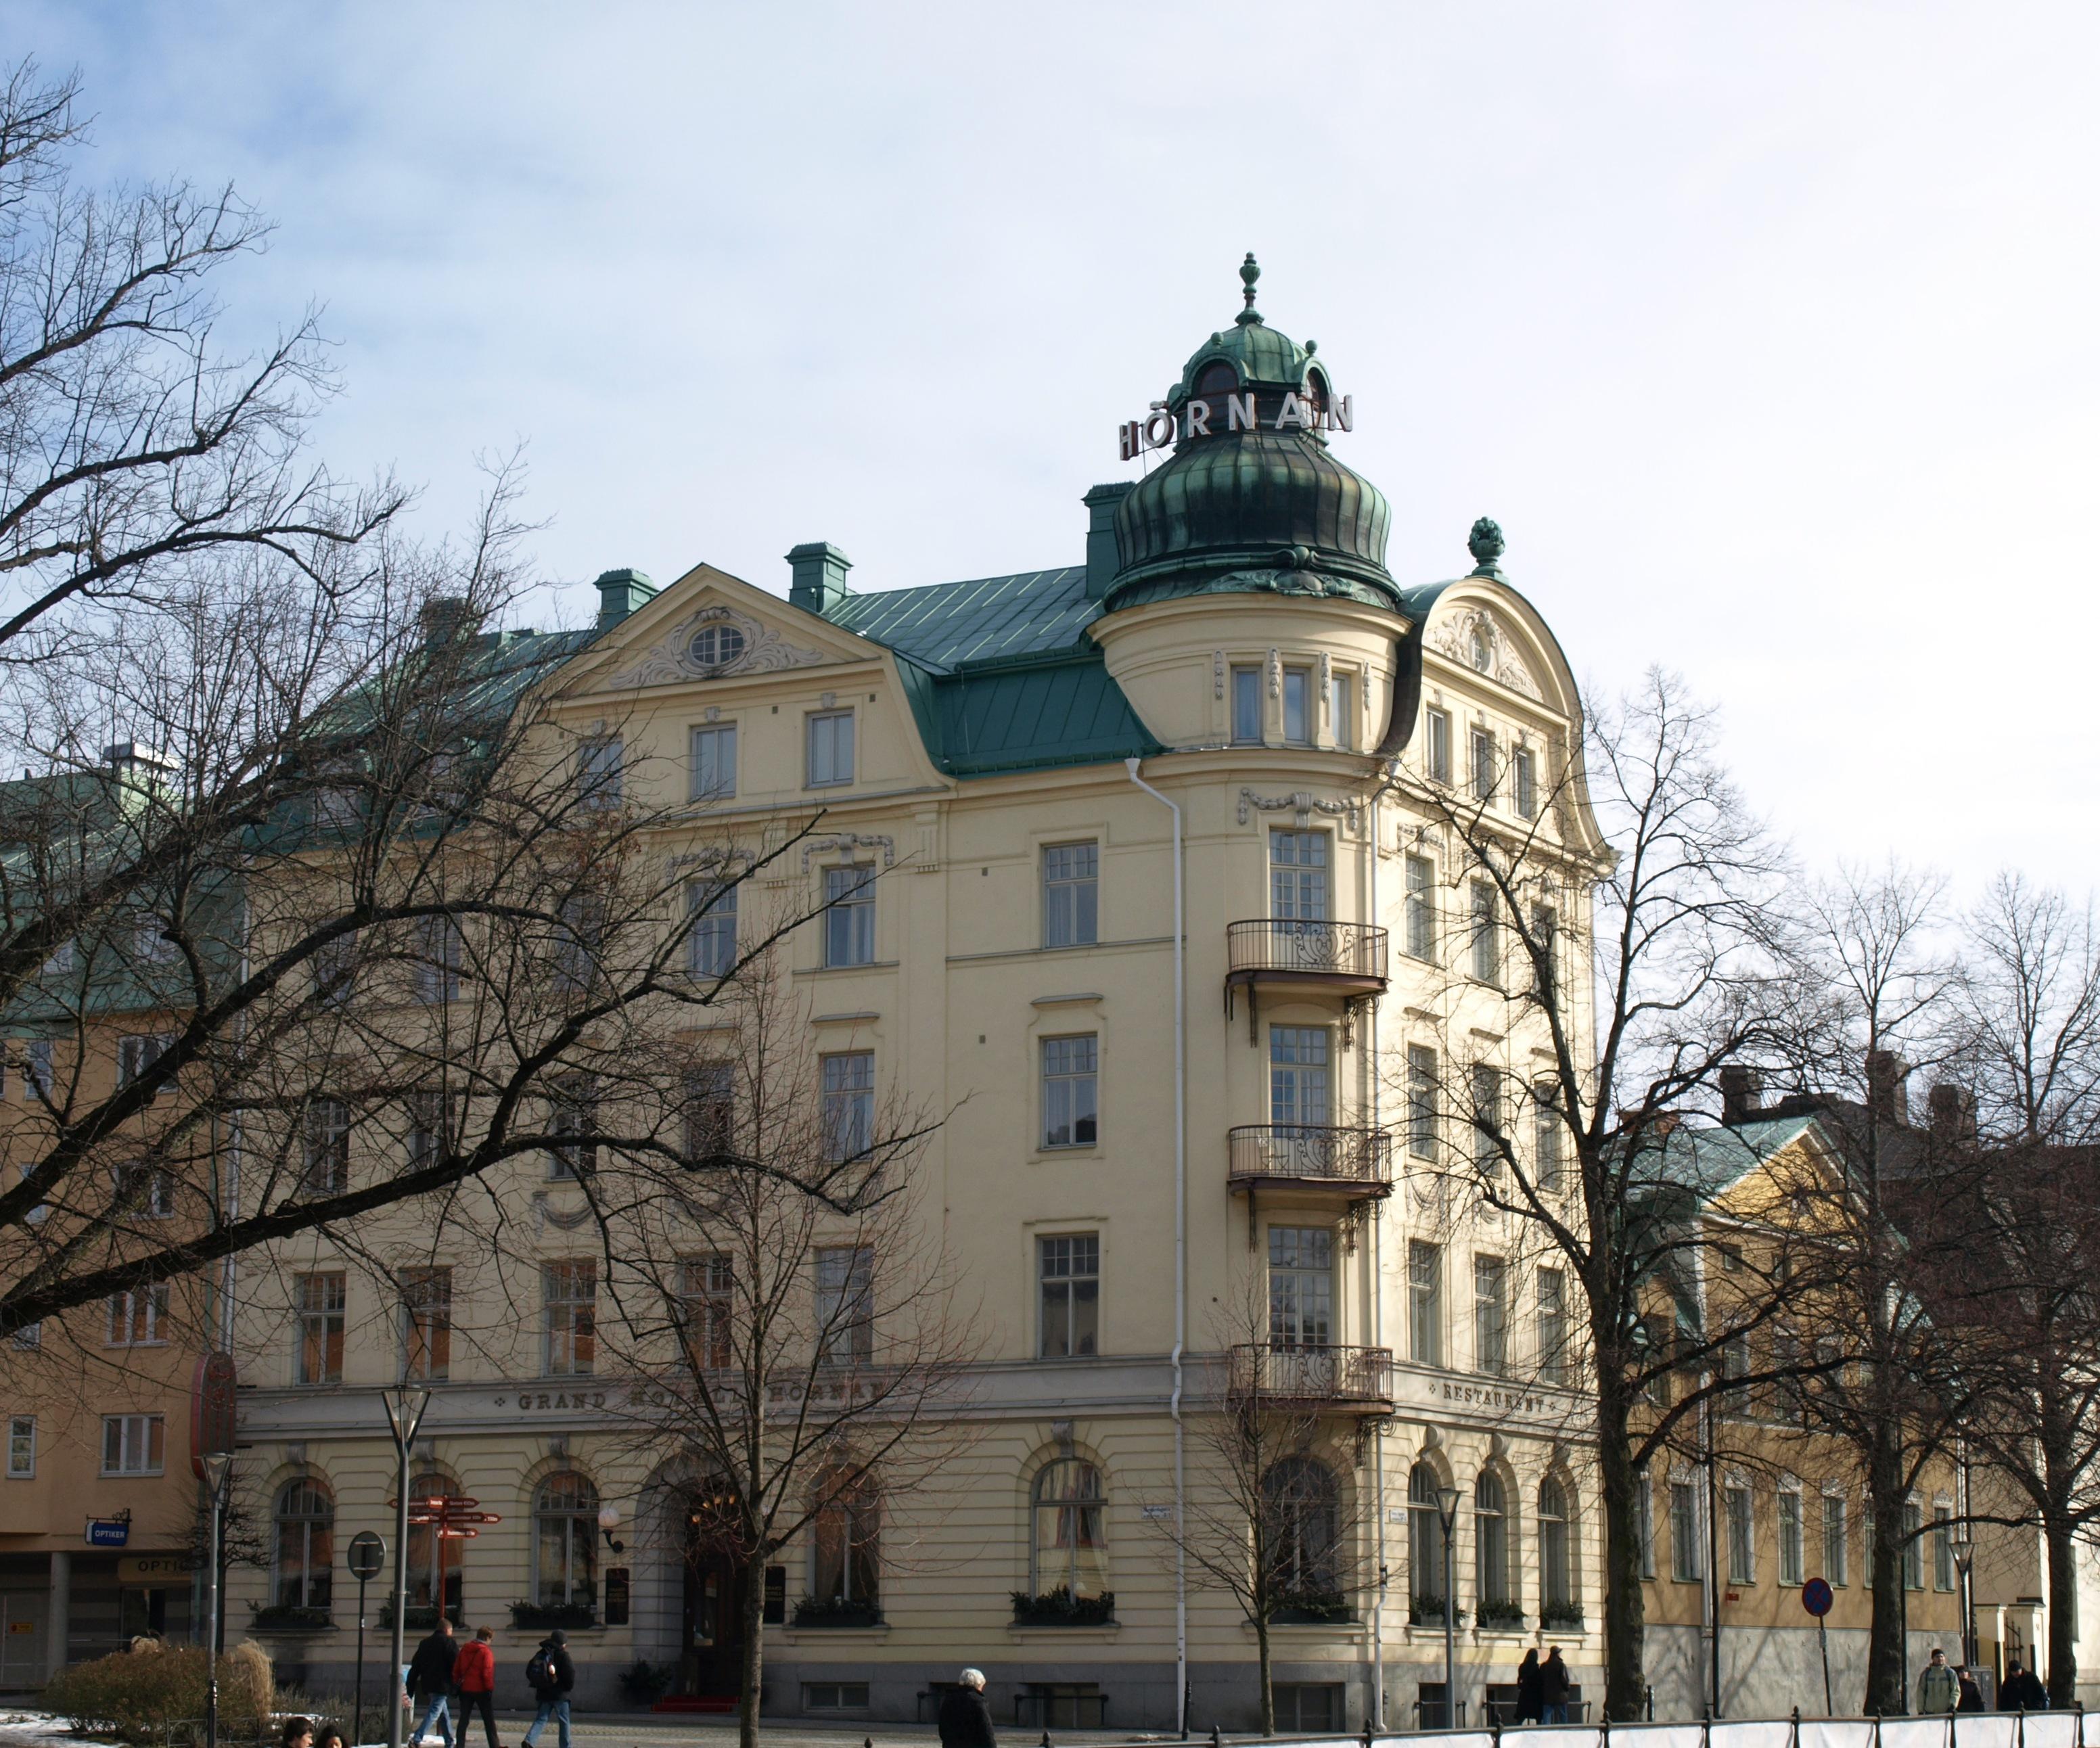 PRIS HOTELL TÄVLING FYRA KRONOR